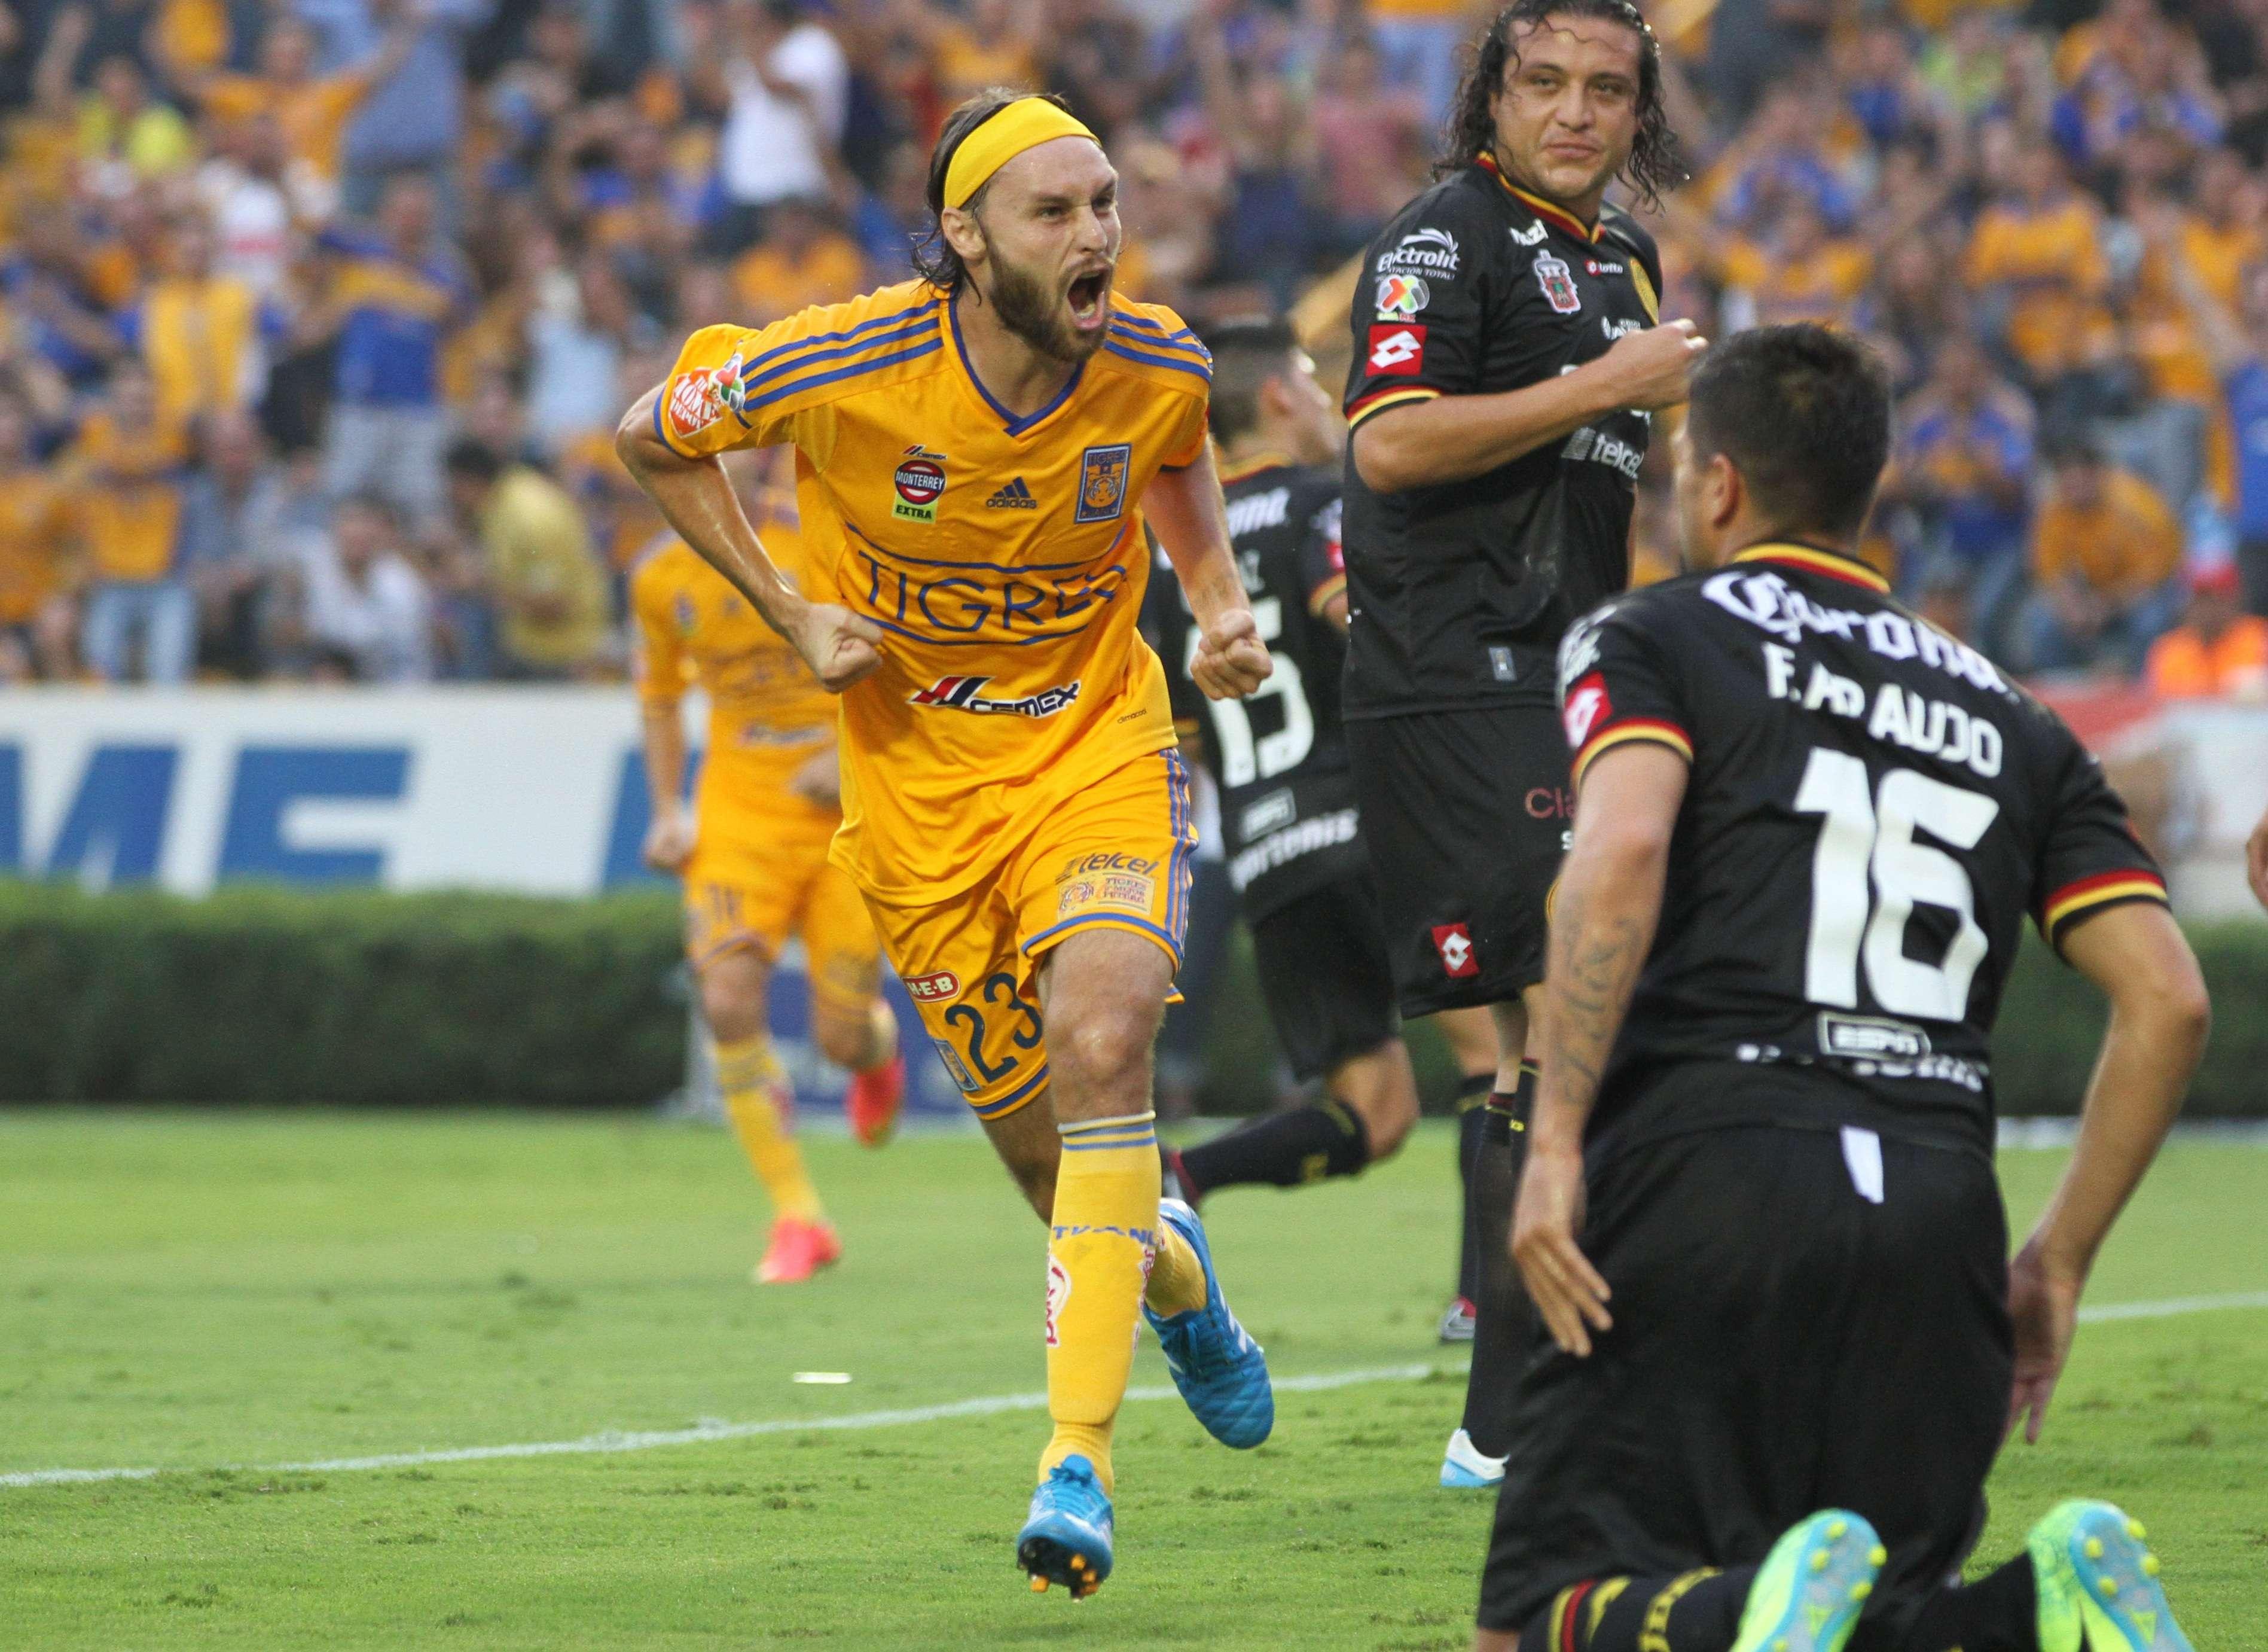 Gerardo Lugo marcó el gol del triunfo de Tigres 1-0 sobre Leones Negros. Foto: Imago7